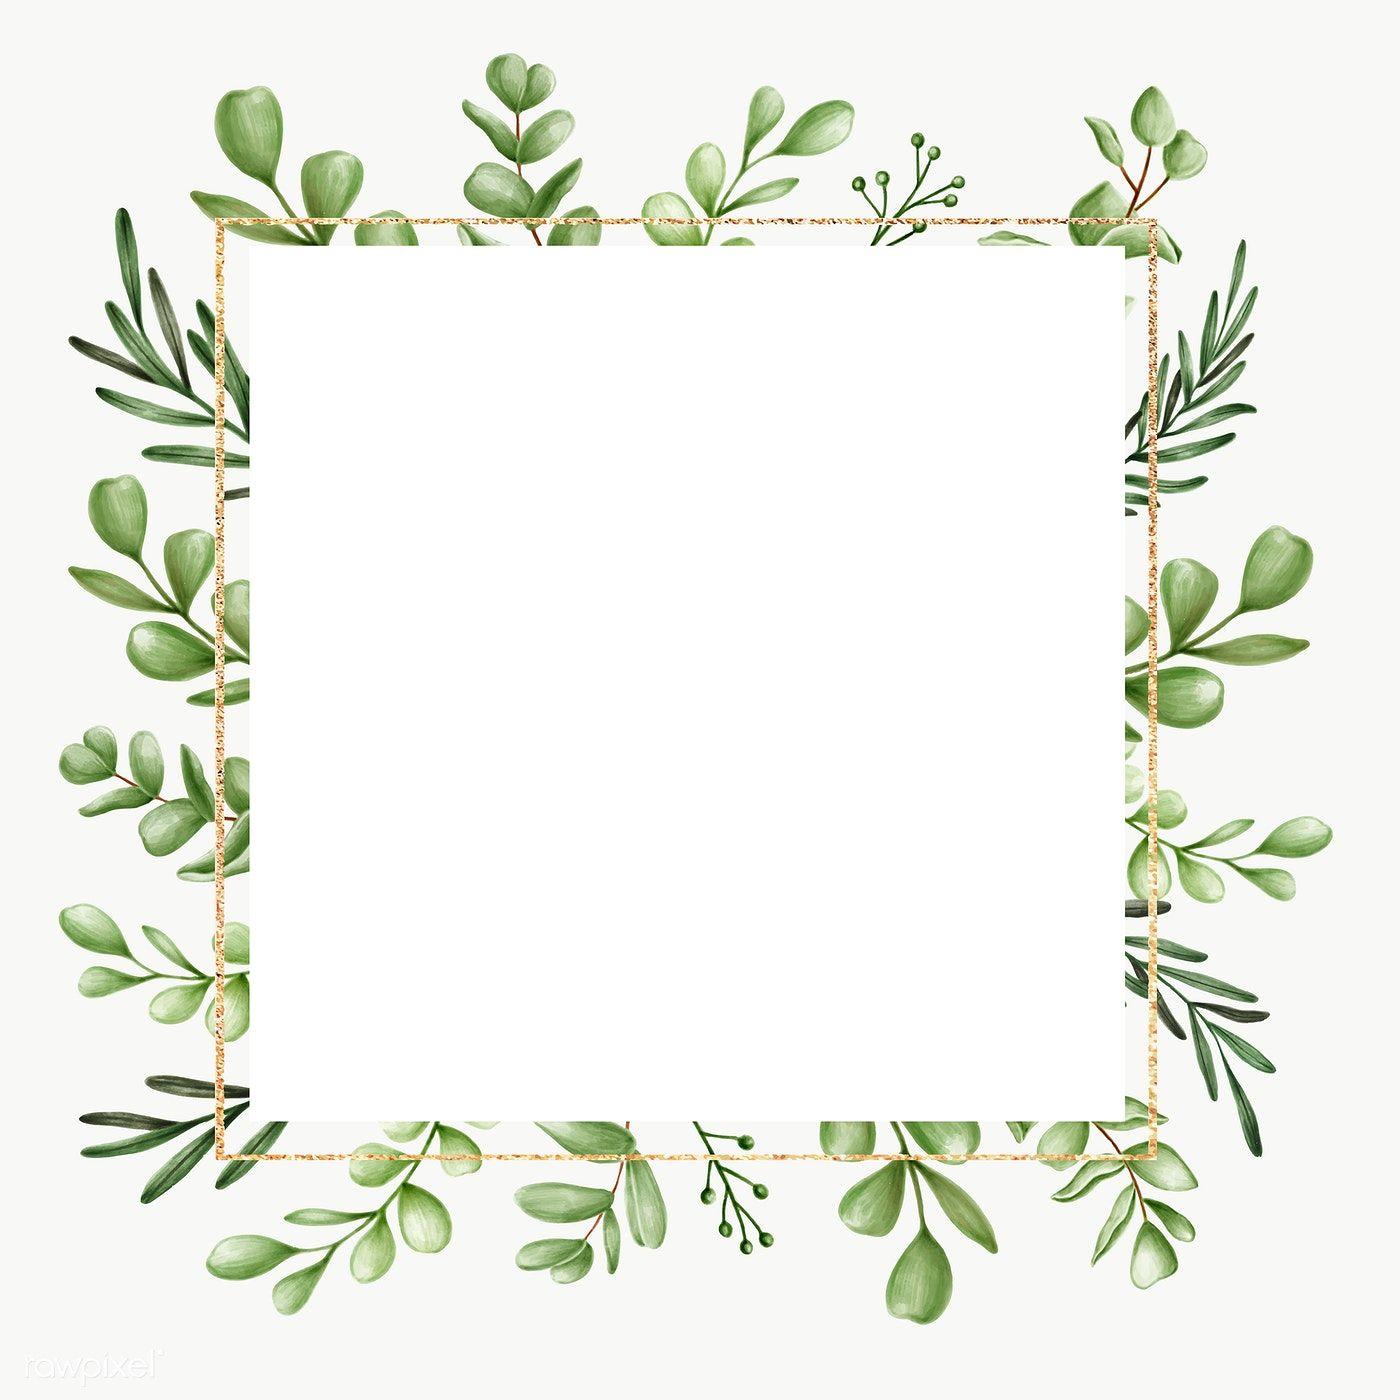 Green Floral Frame Transparent Png Premium Image By Rawpixel Com Noon Floral Border Design Green Leaf Background Flower Border Png